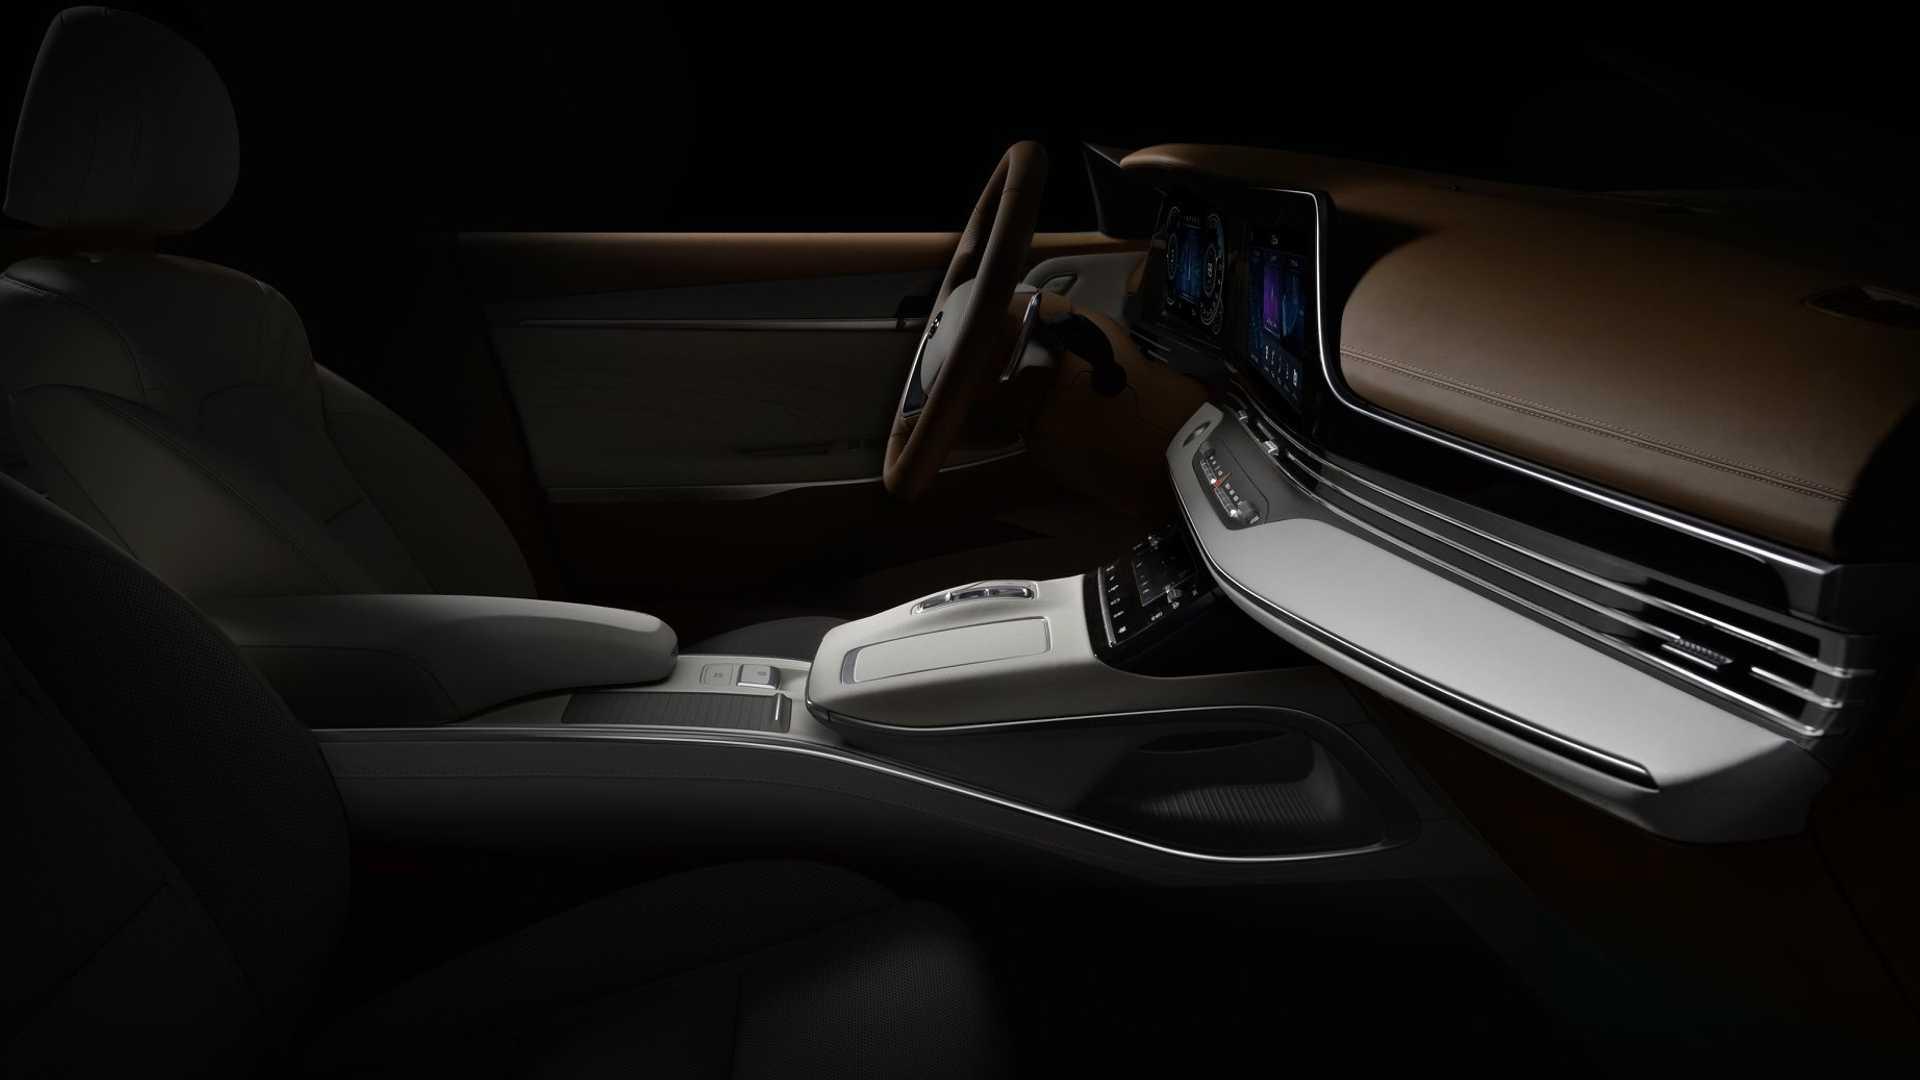 2020_Hyundai_Grandeur_Facelift_0013